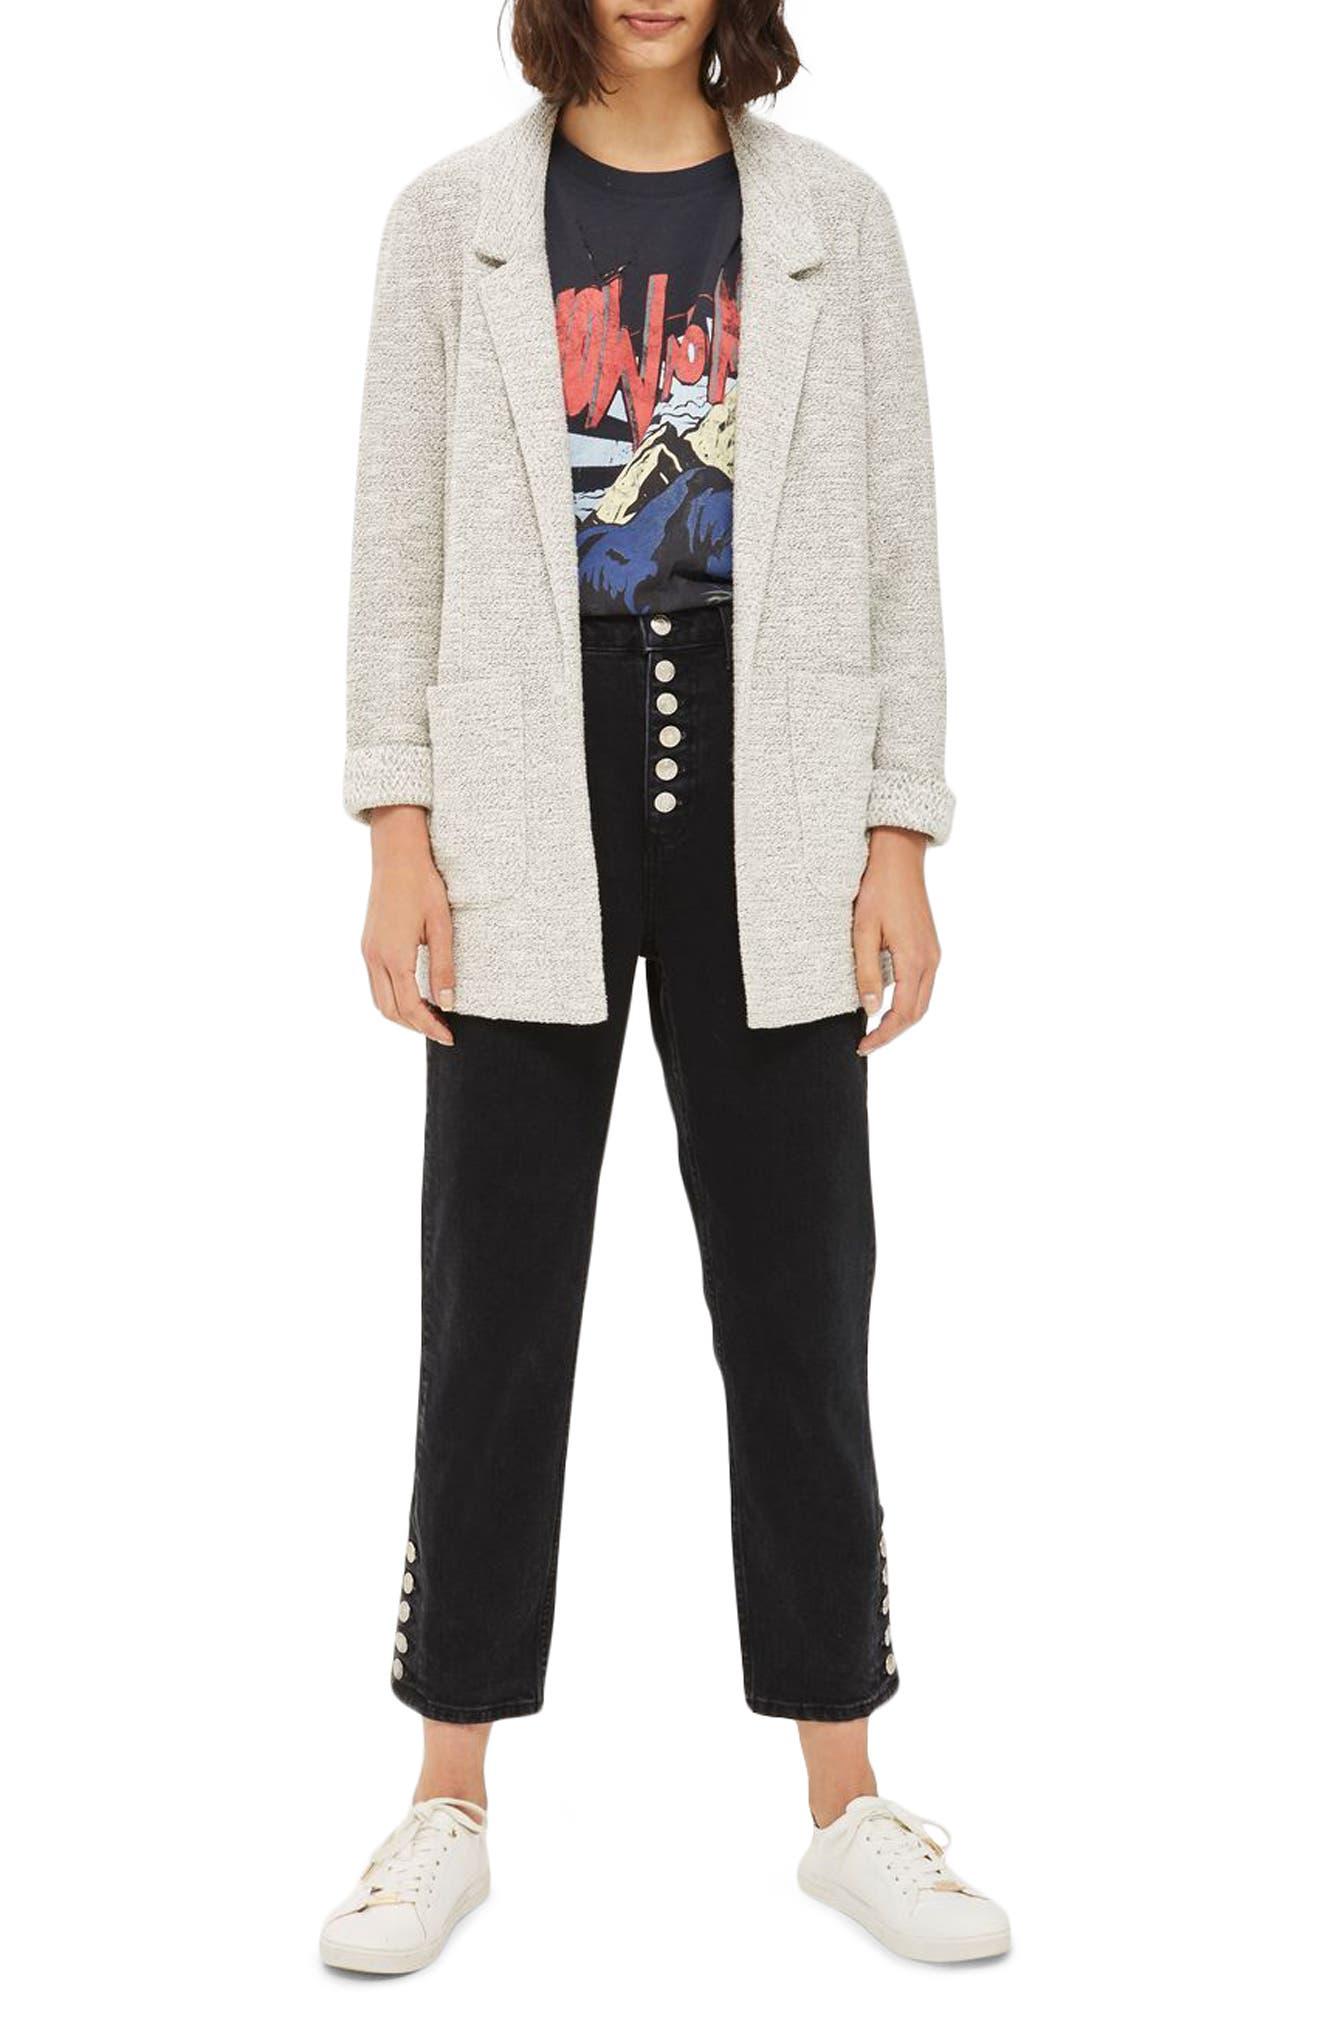 Topshop Textured Jersey Blazer